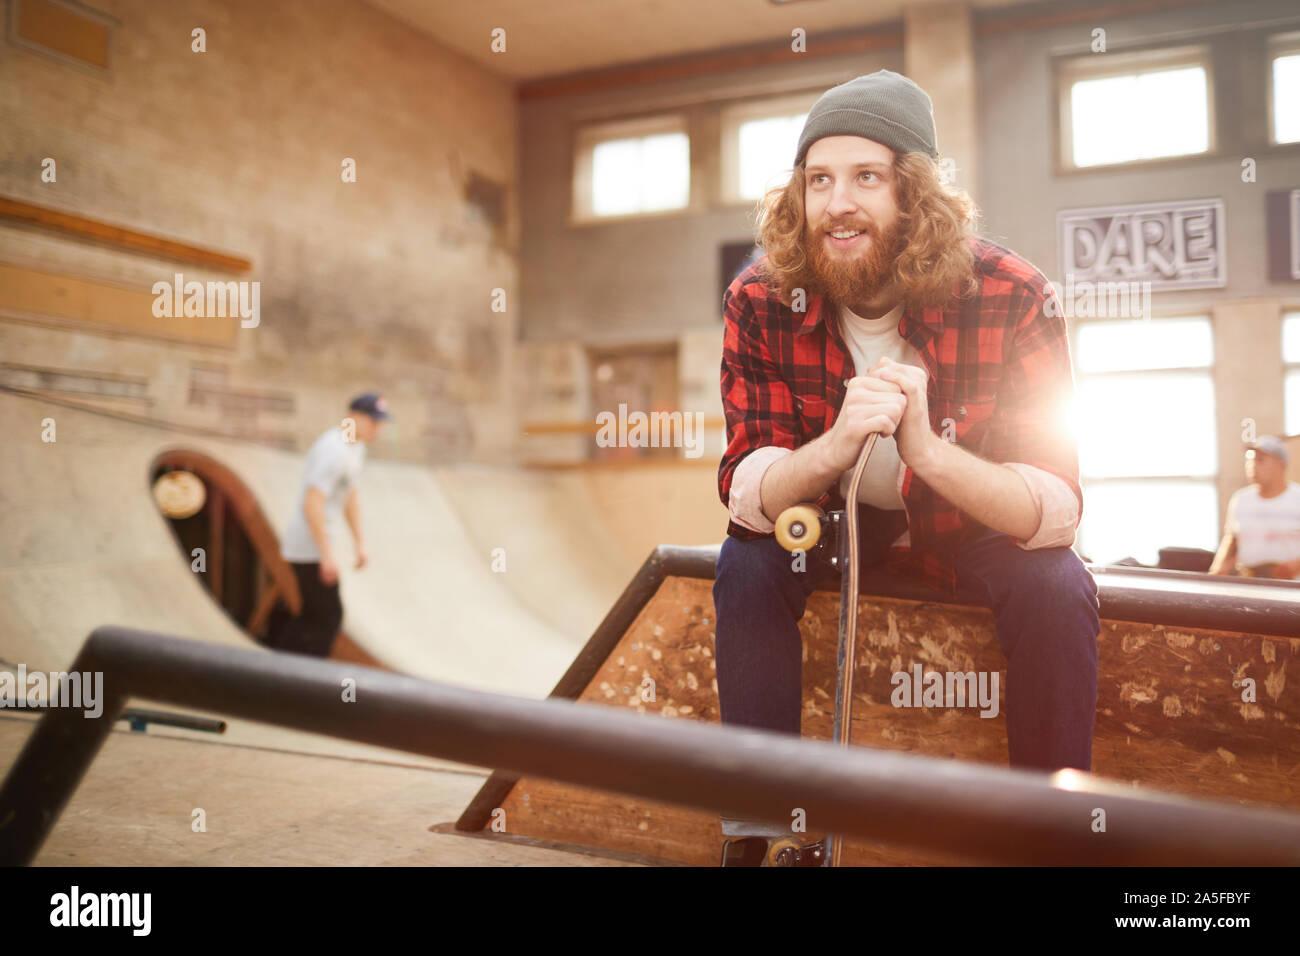 Portrait d'homme barbu contemporain à l'écart et souriant assis sur la rampe en skating park, copy space Banque D'Images